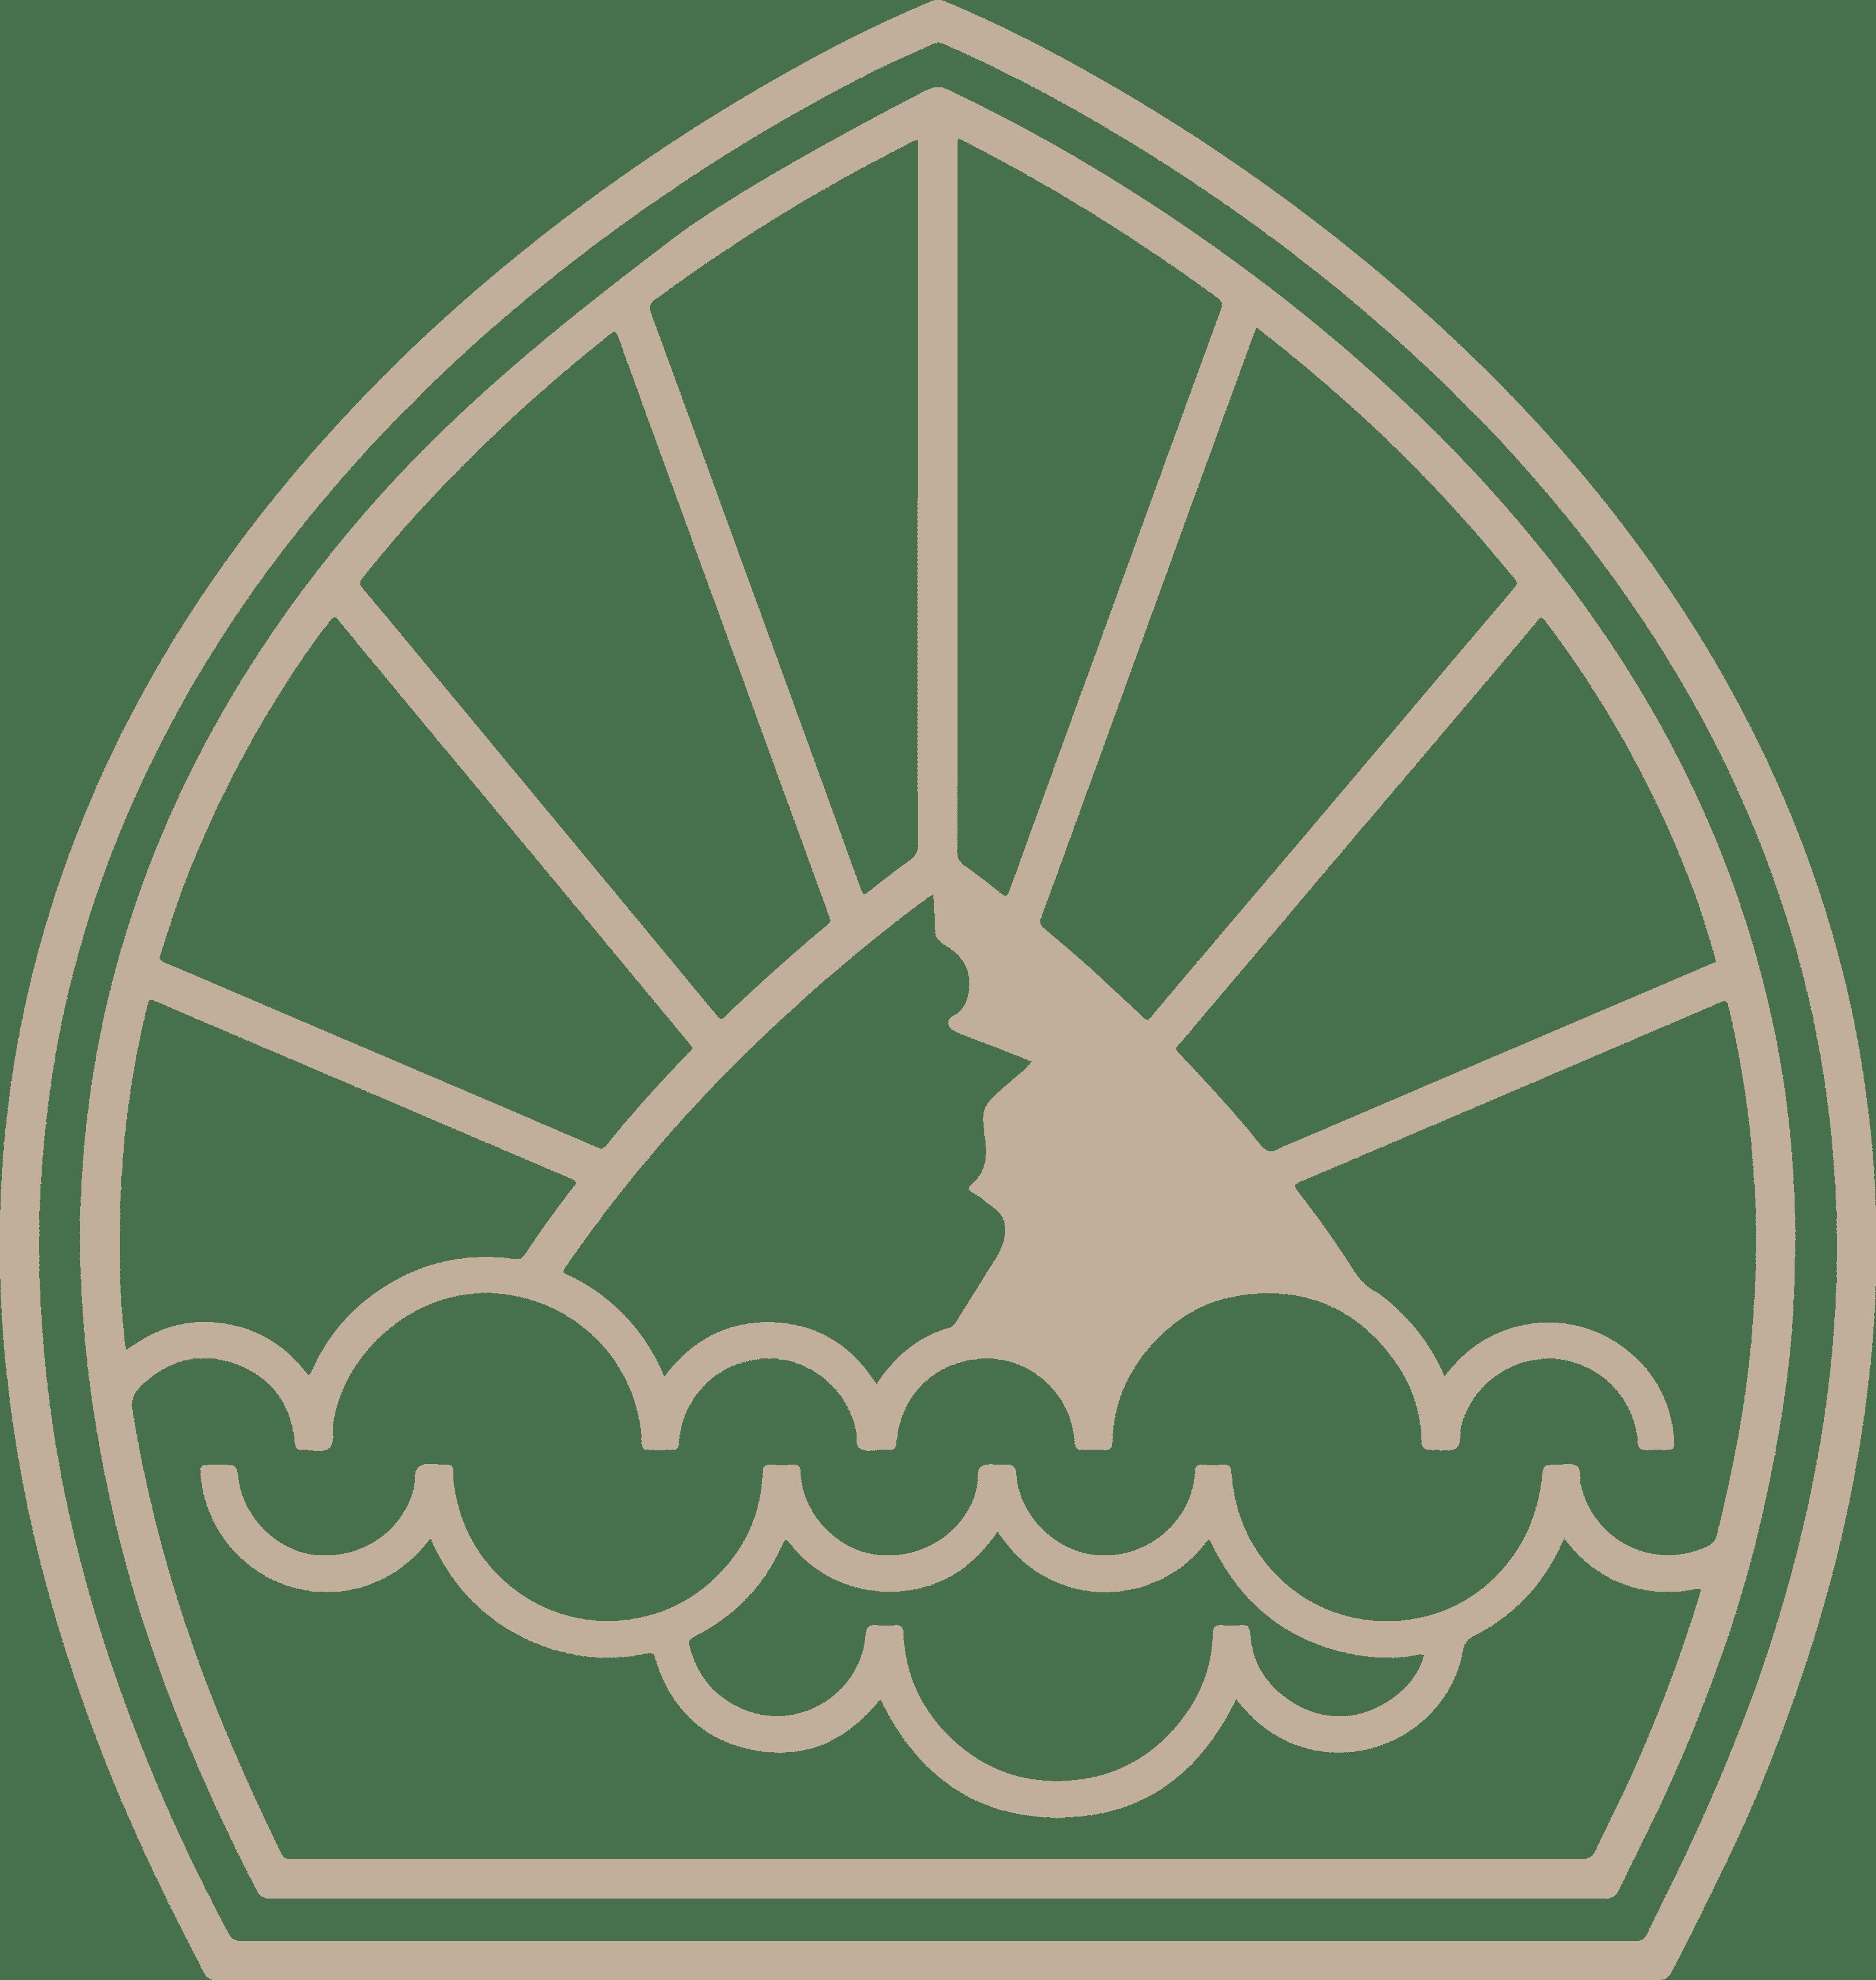 logo sans texte sans fond